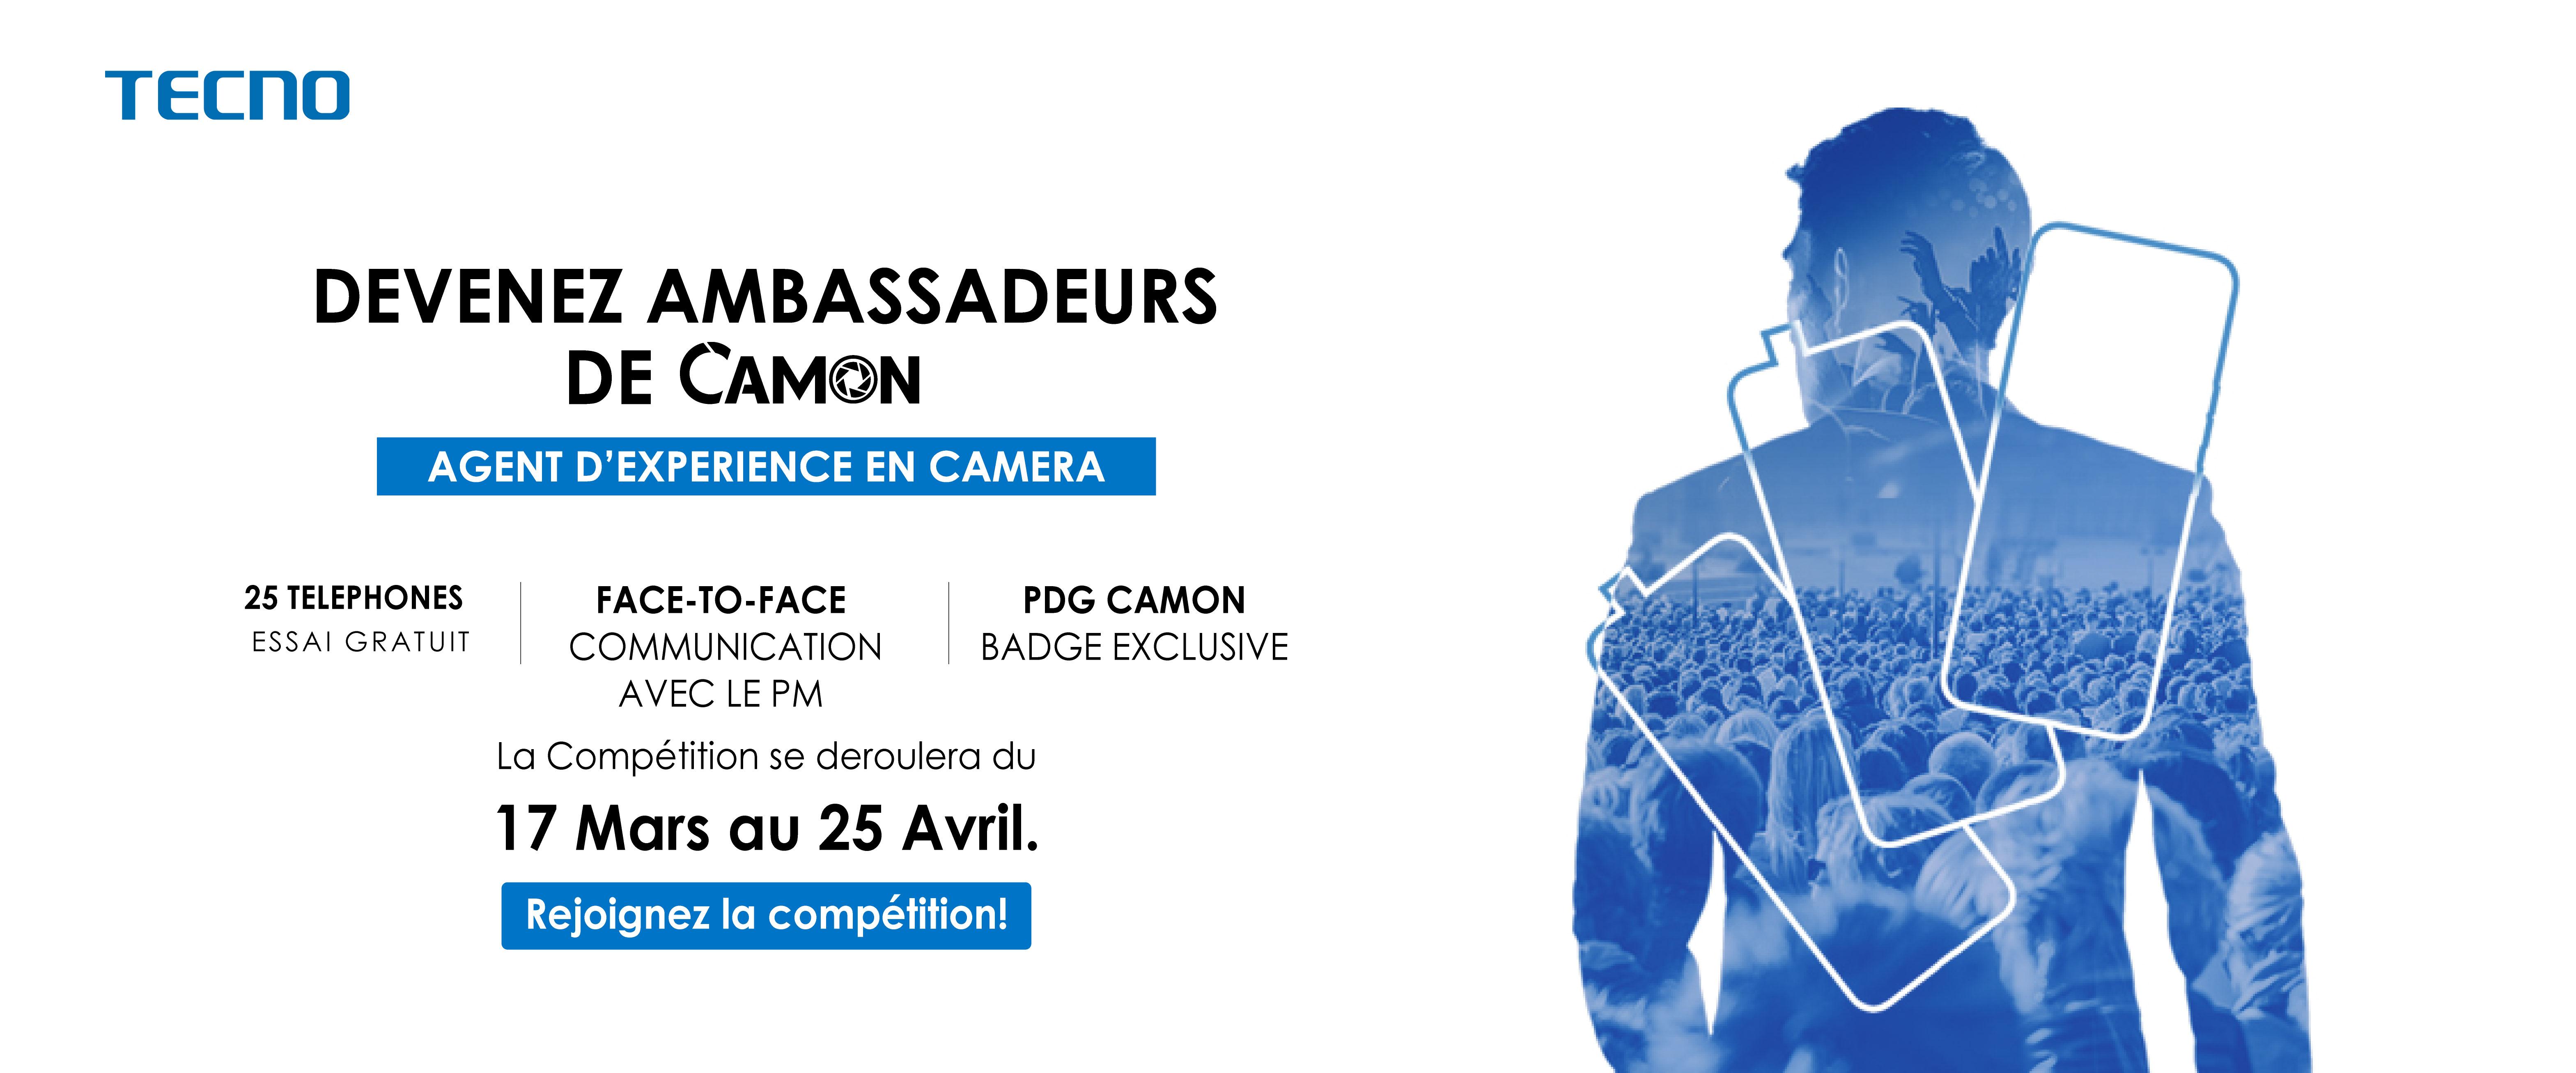 Camon-CEO-Activity-Ok.jpg